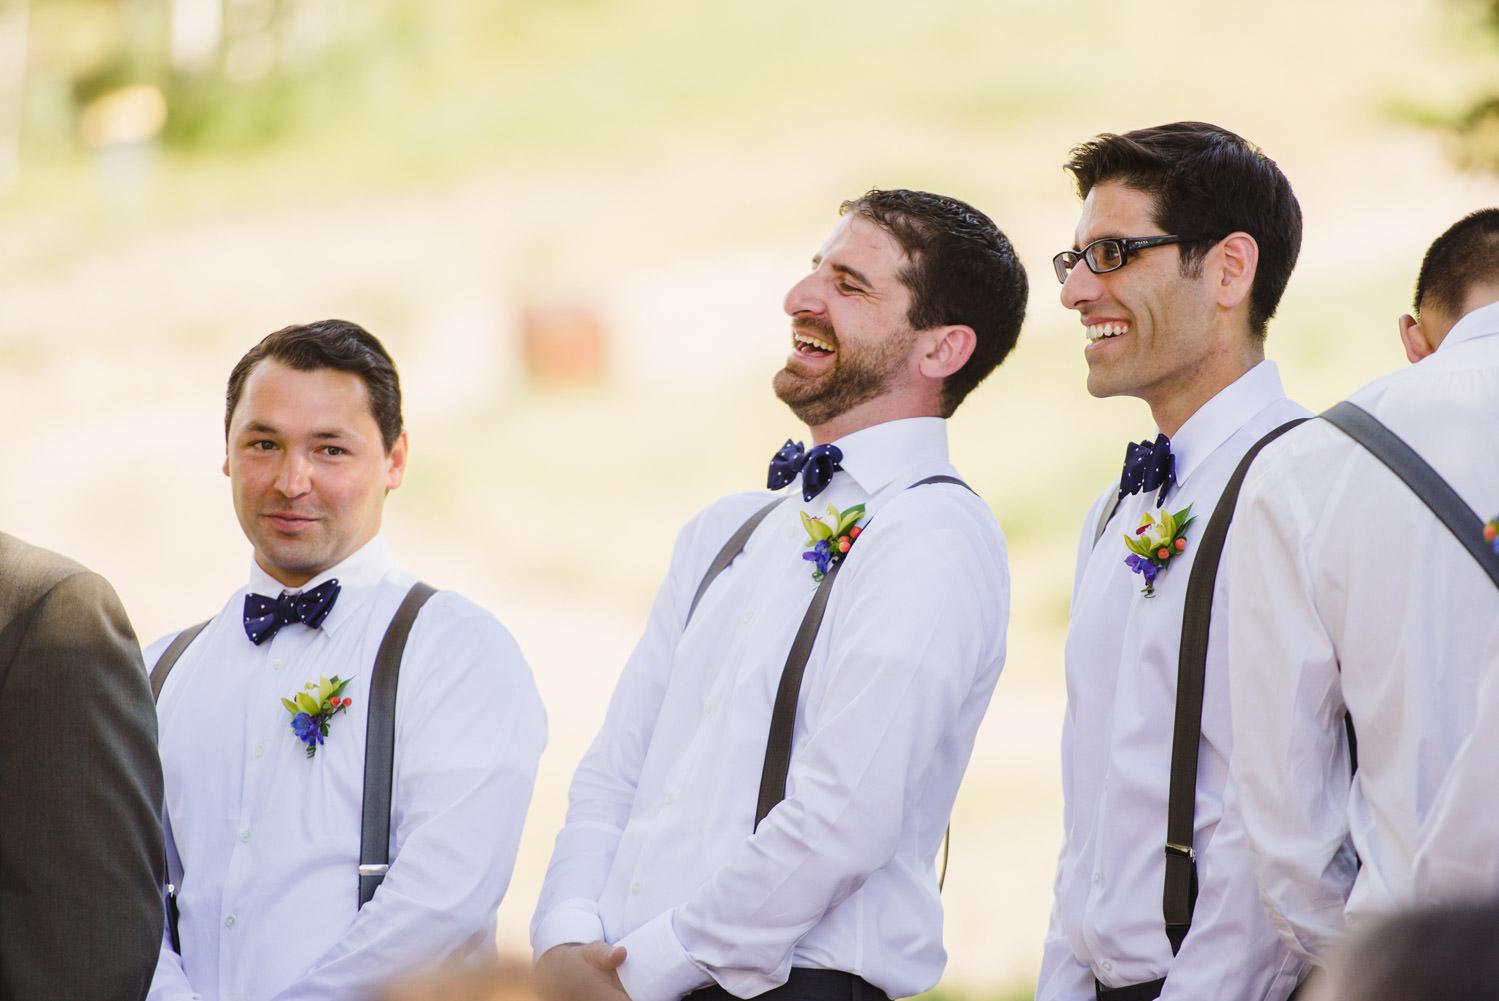 Red Pine Lodge groomsmen laughing wedding photo